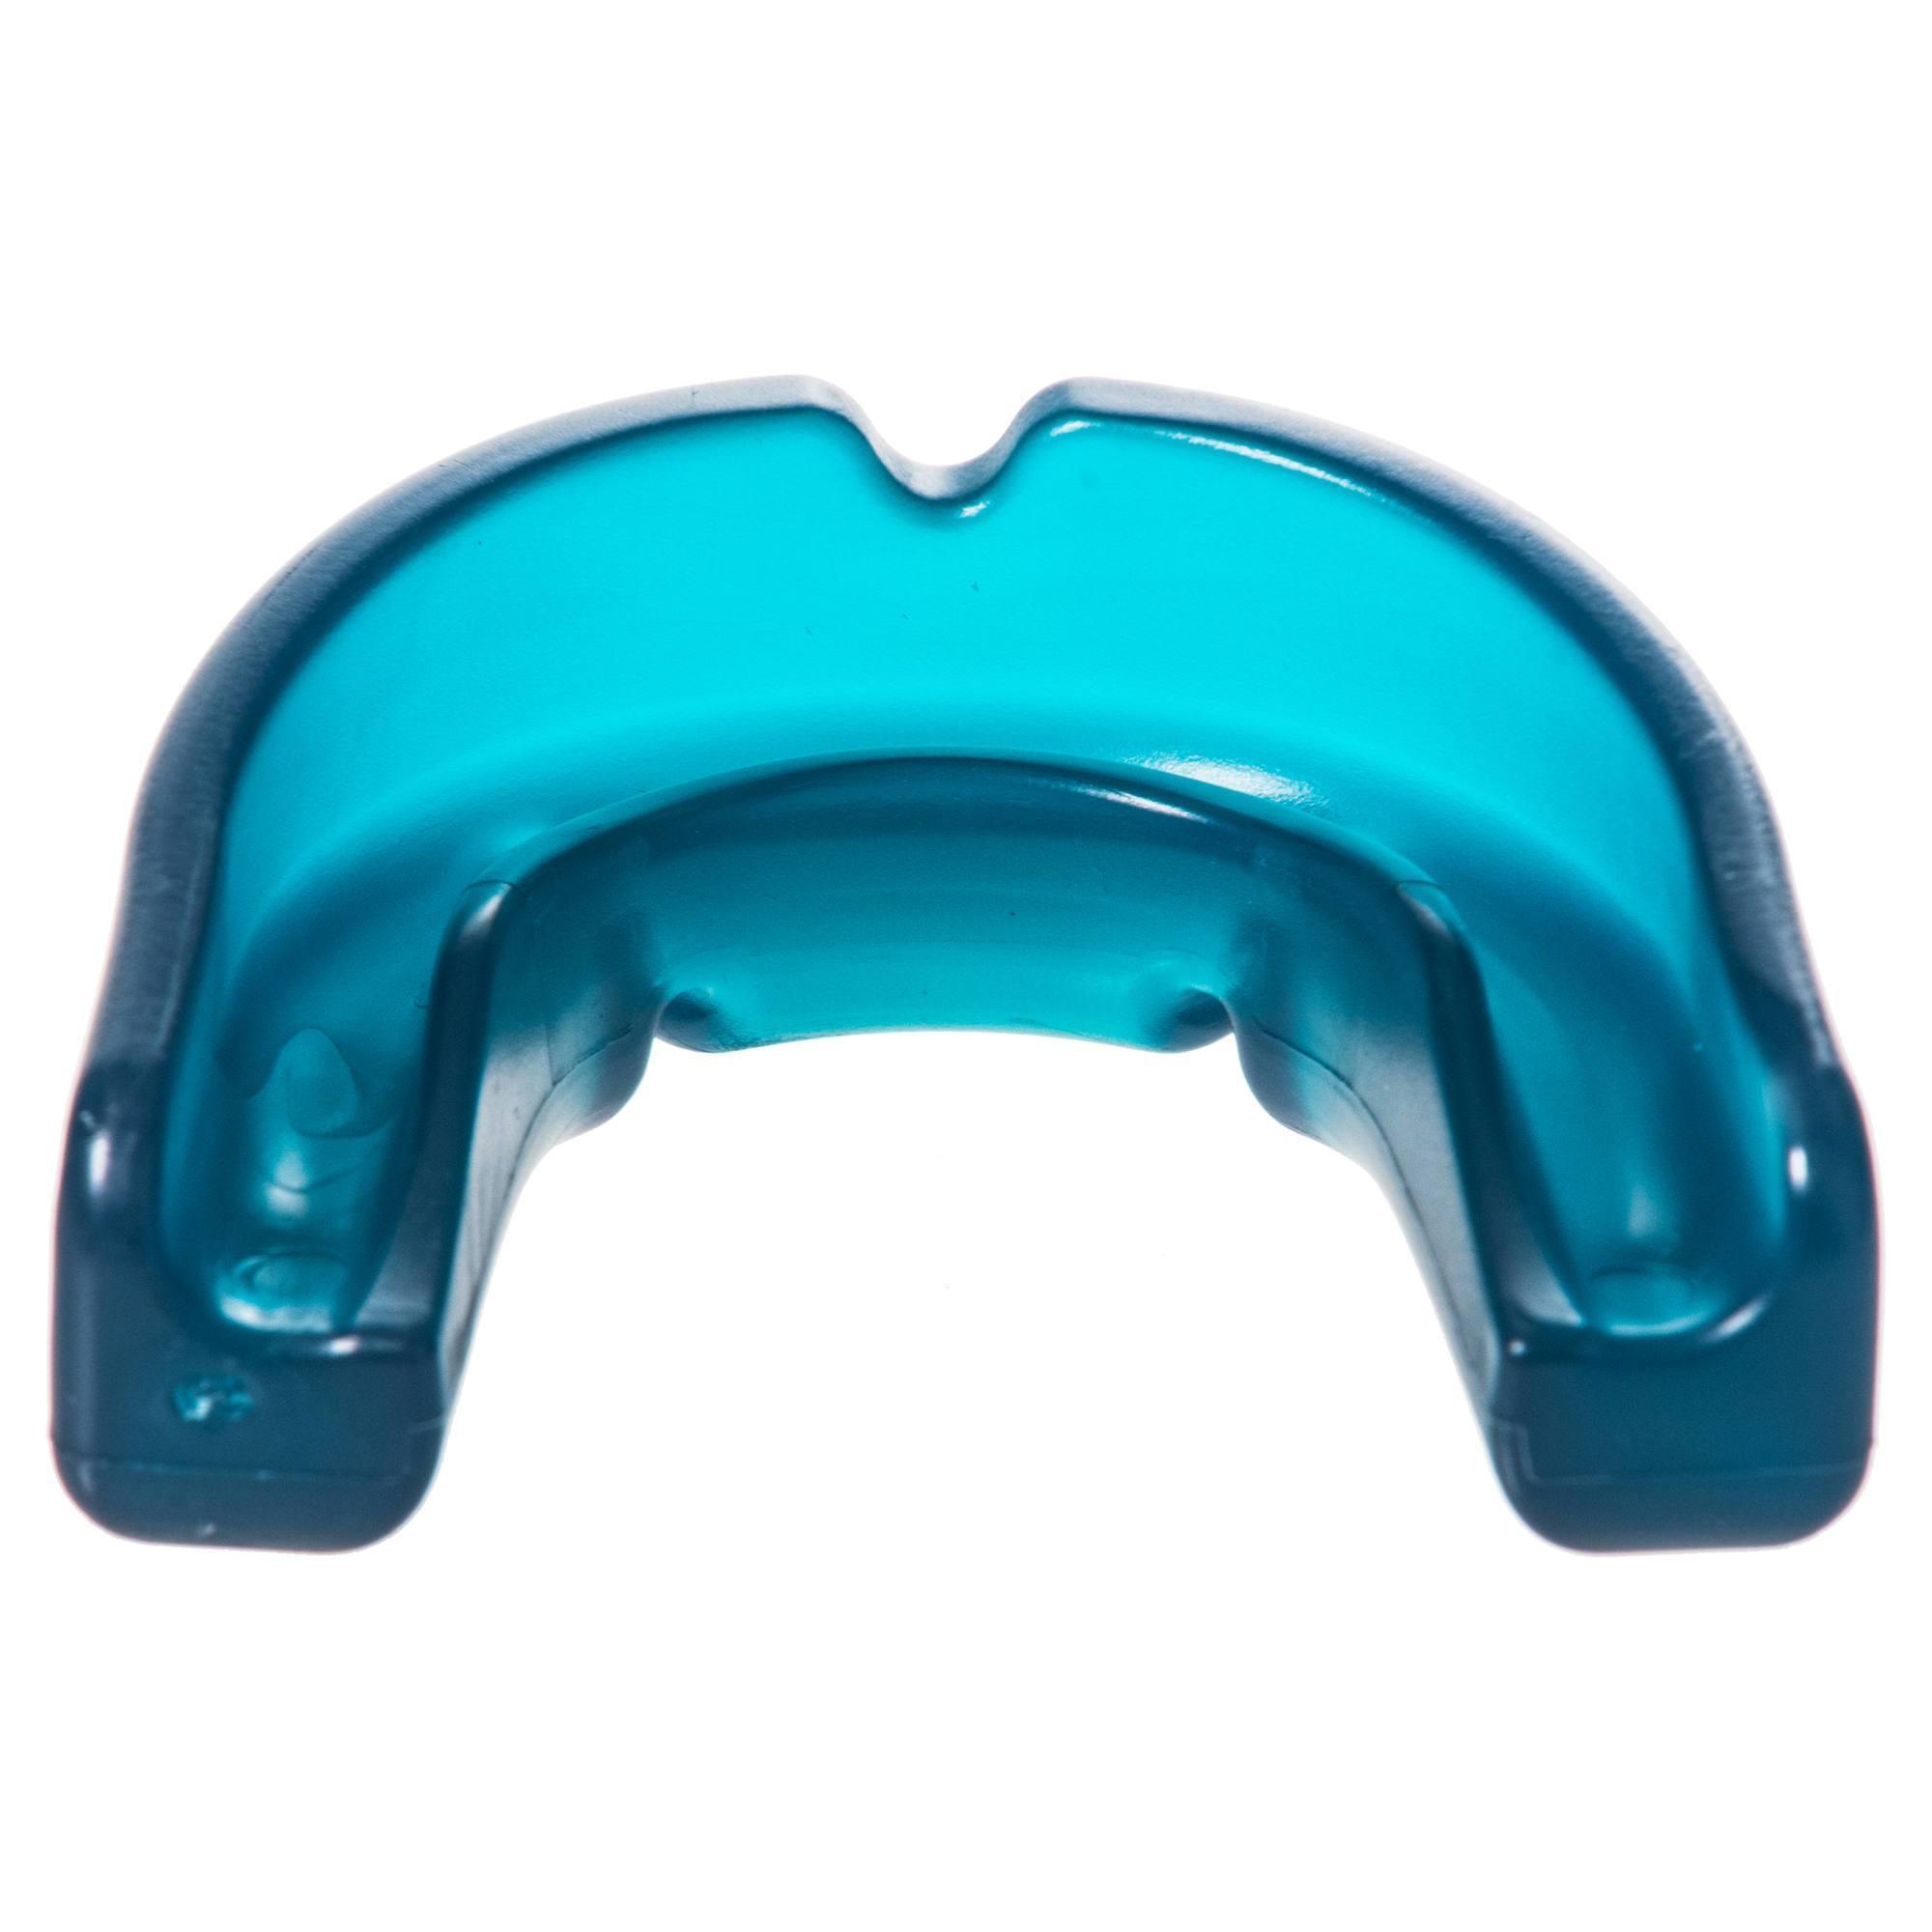 Protège-dents de hockey sur gazon intensité faible adulte Large FH100 turquoise